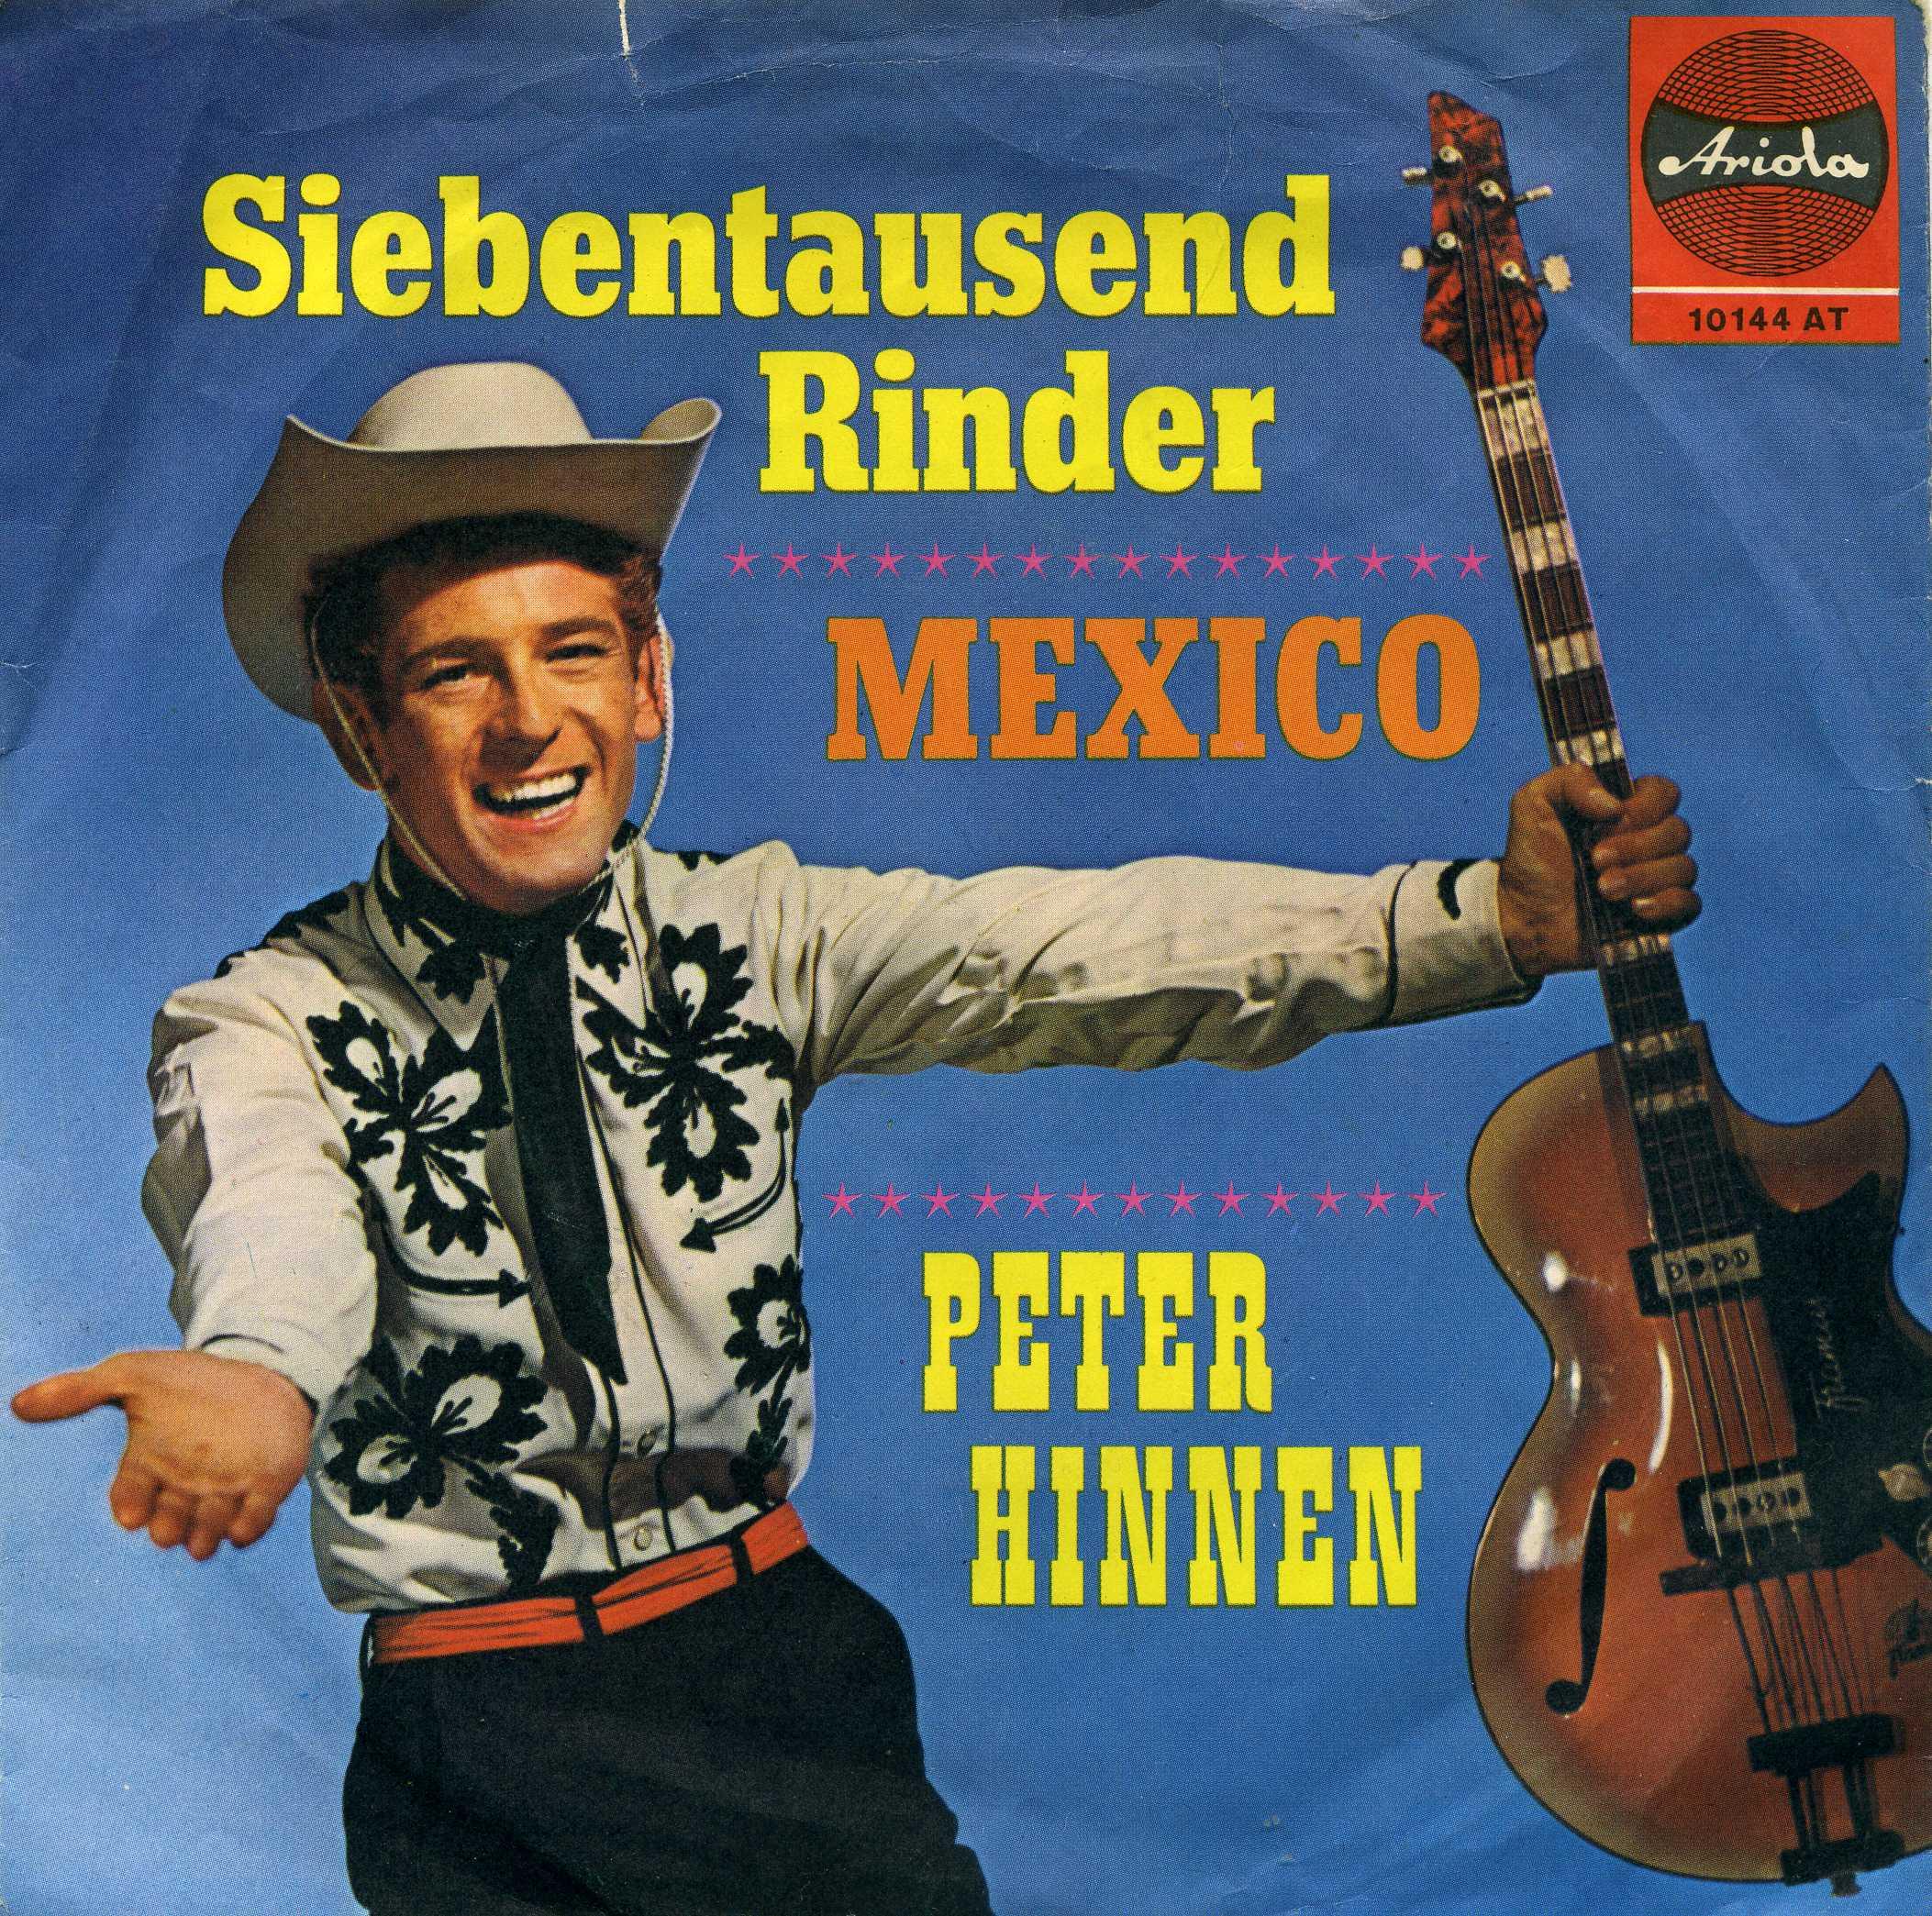 Peter Hinnen